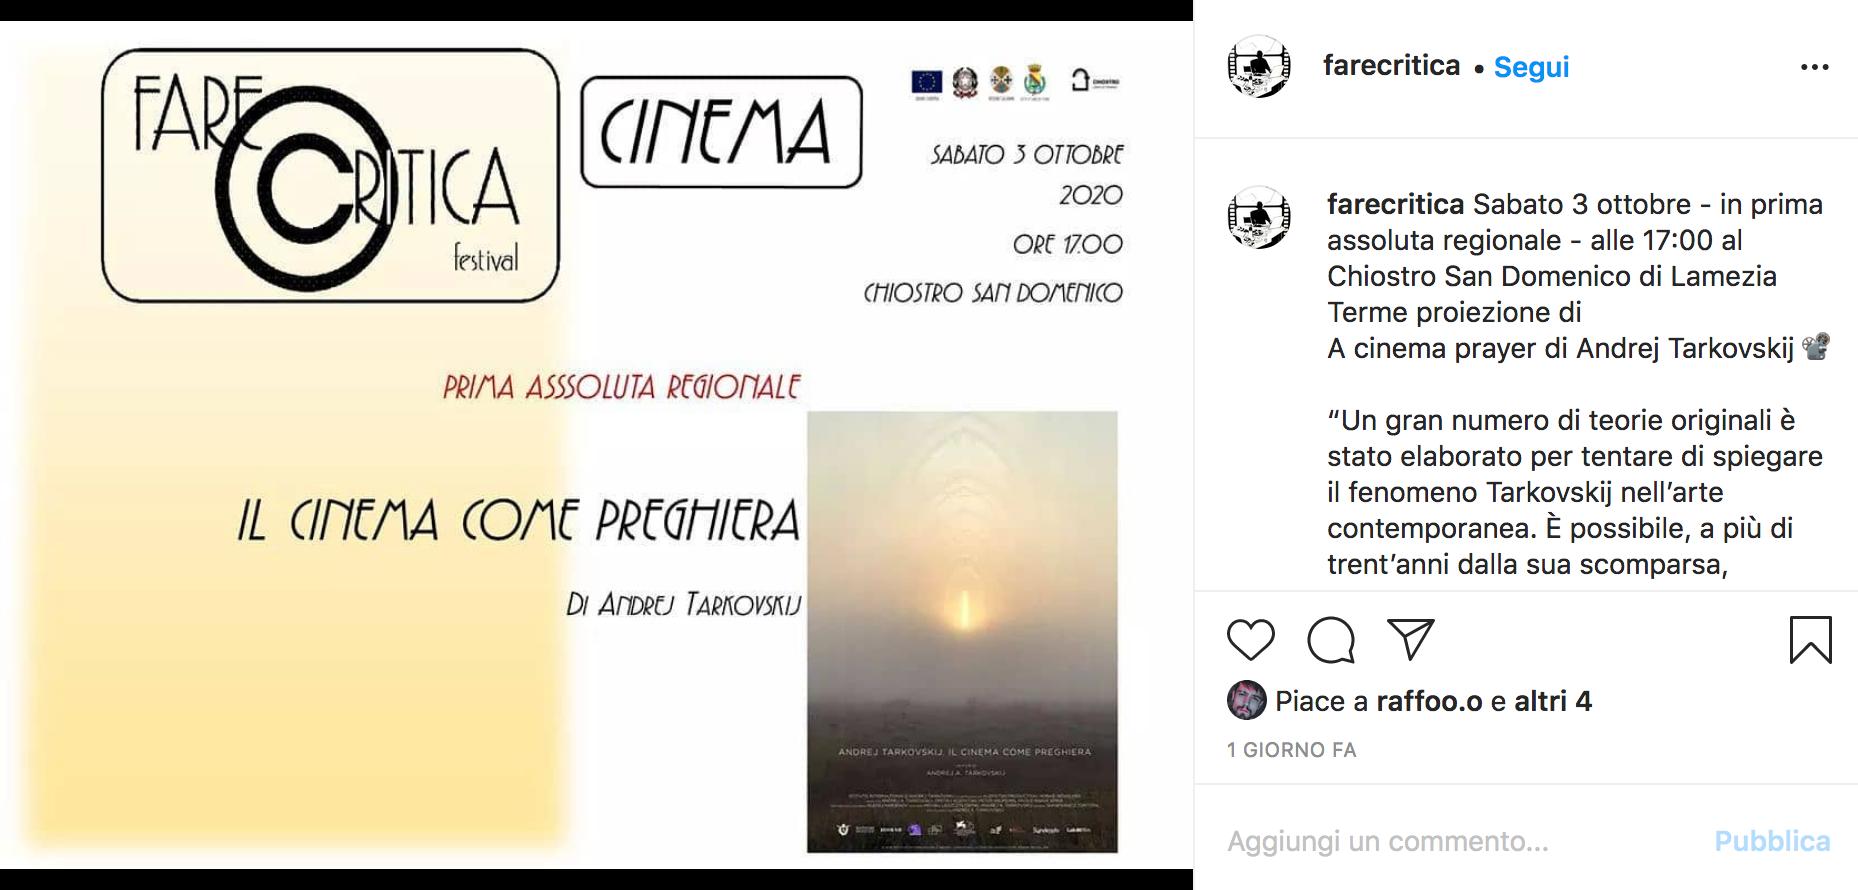 Il cinema come preghiera di Andrej Tarkovskij